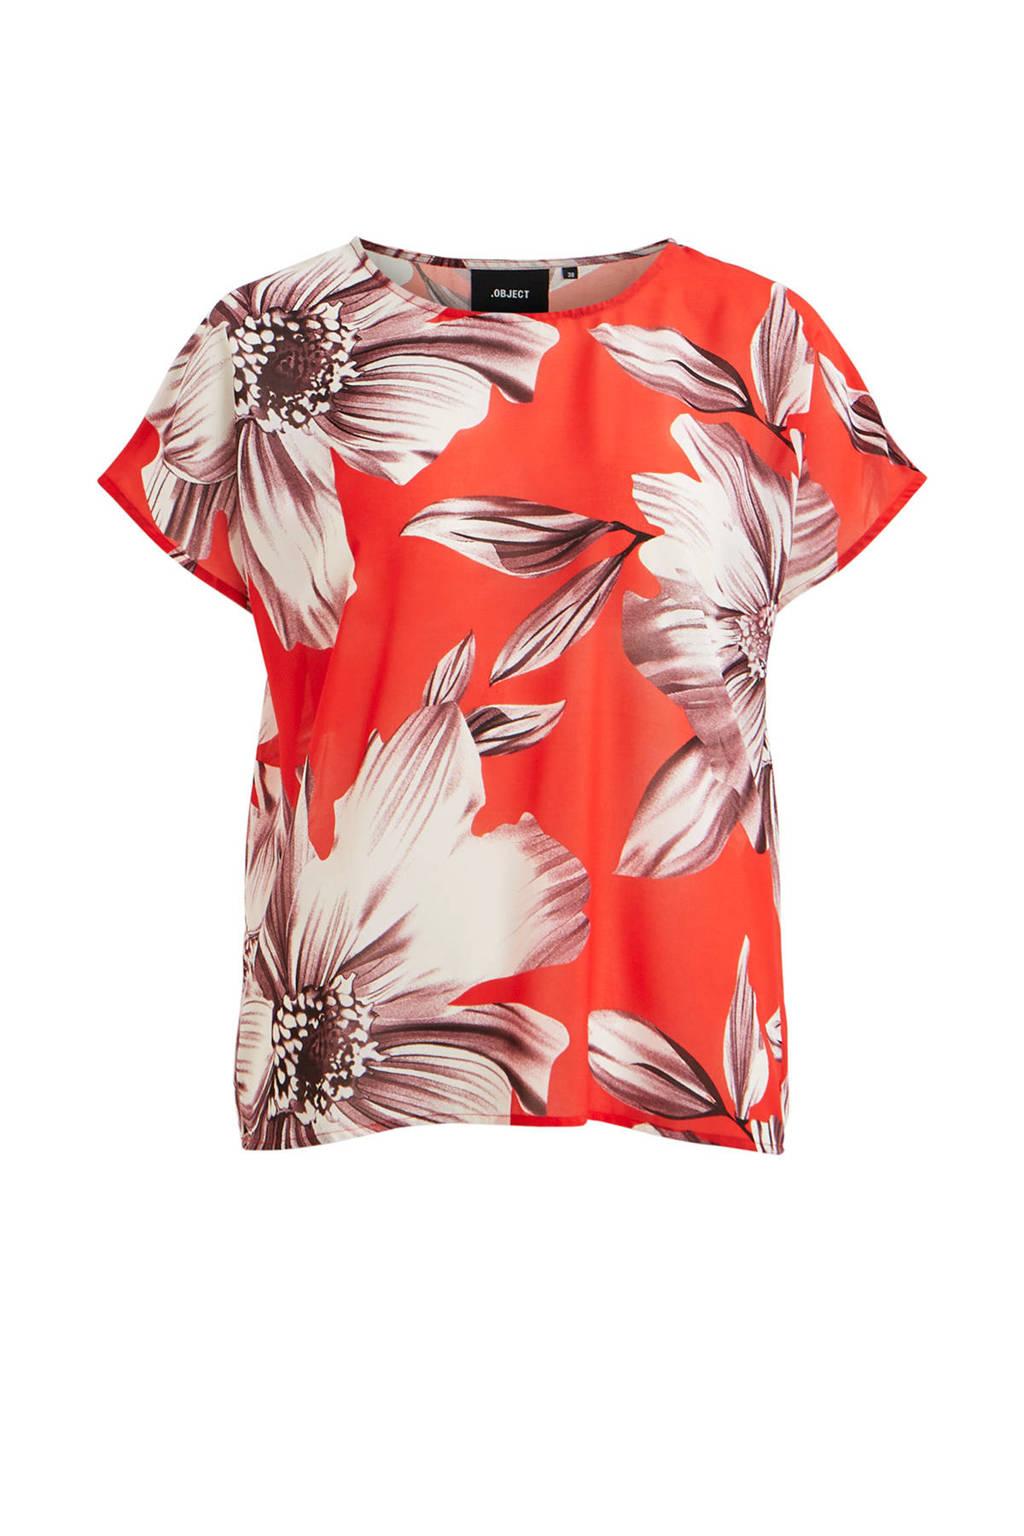 OBJECT gebloemde T-shirt, Rood/wit